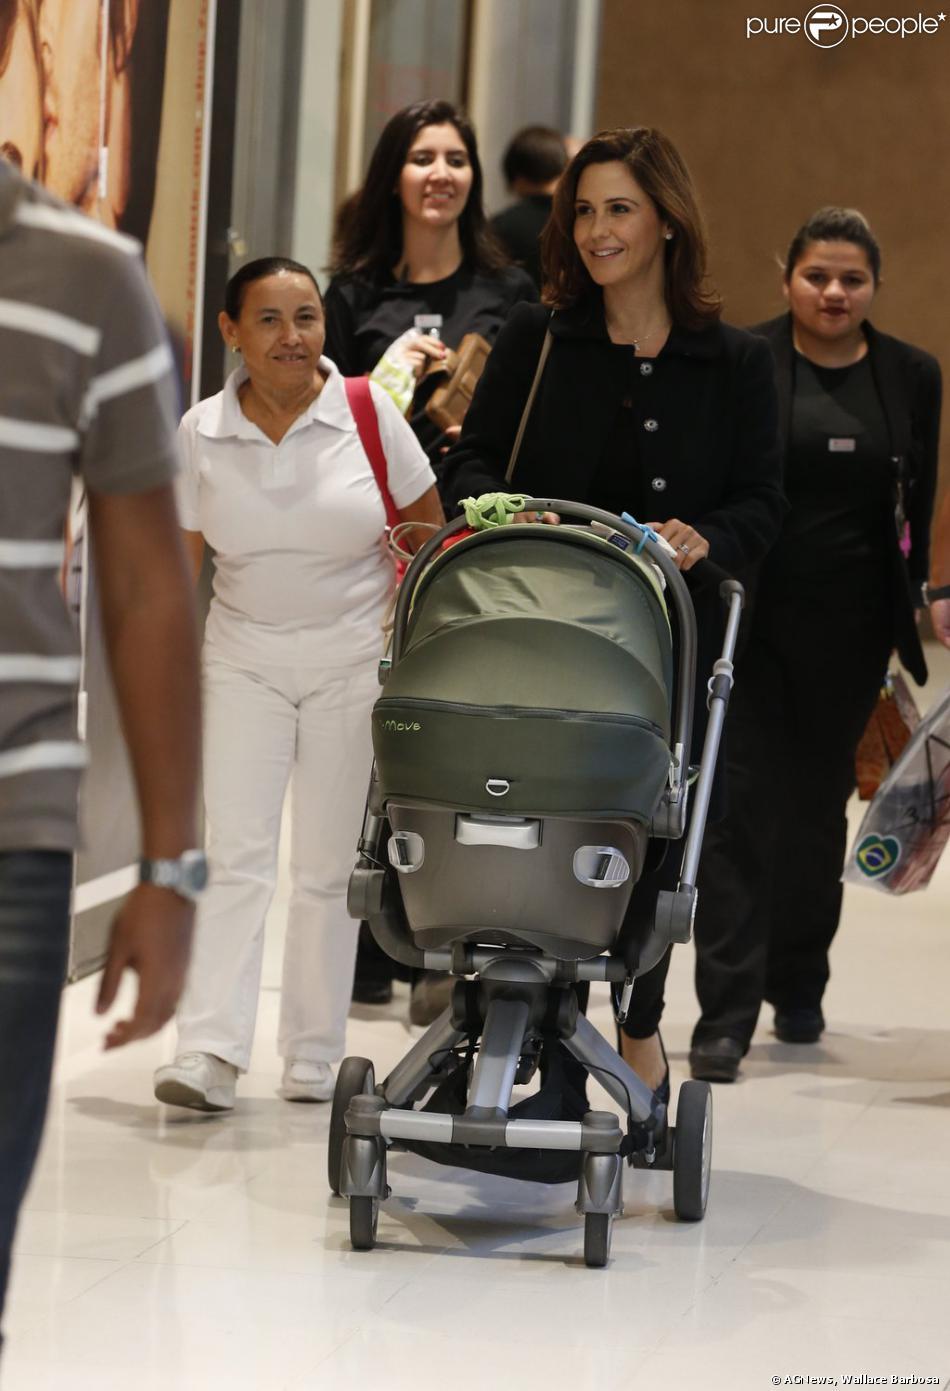 Guilhermina Guinle voltou a ser flagrada durante passeio com a filha, Mina, de apenas 2 meses, nesta segunda-feira, 18 de novembro de 2013